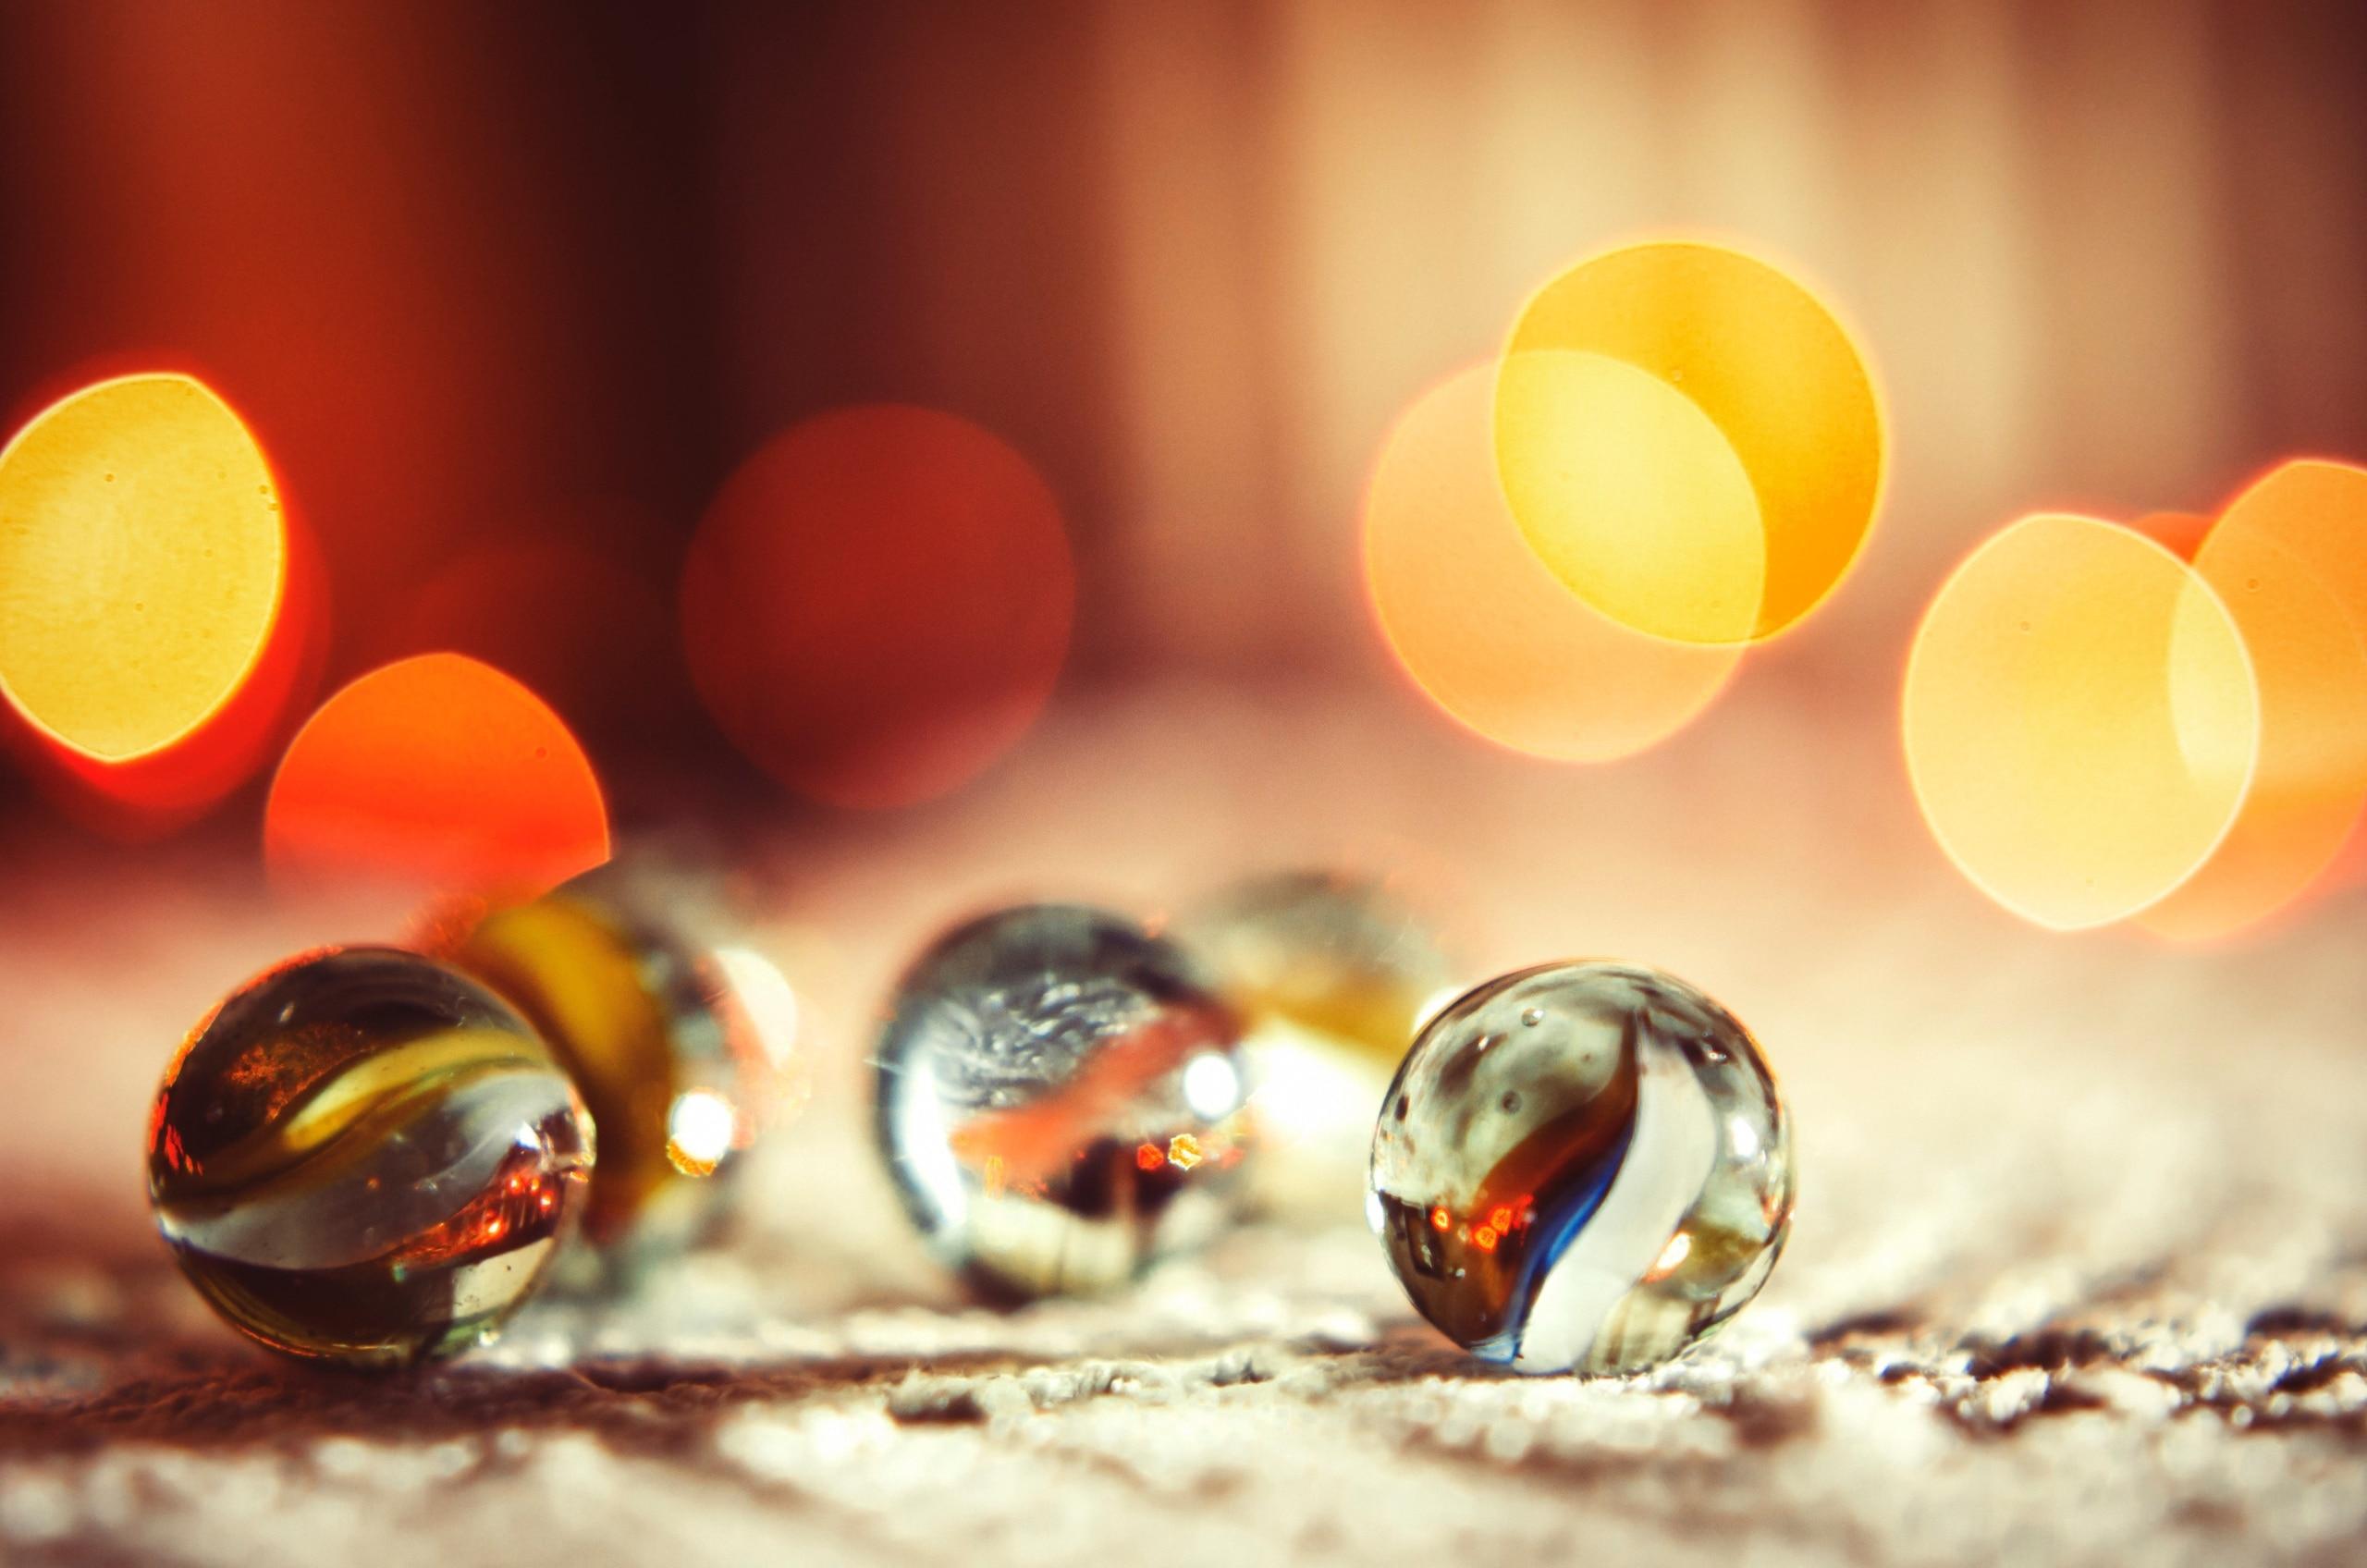 Объединение кристаллов в единую информационную систему